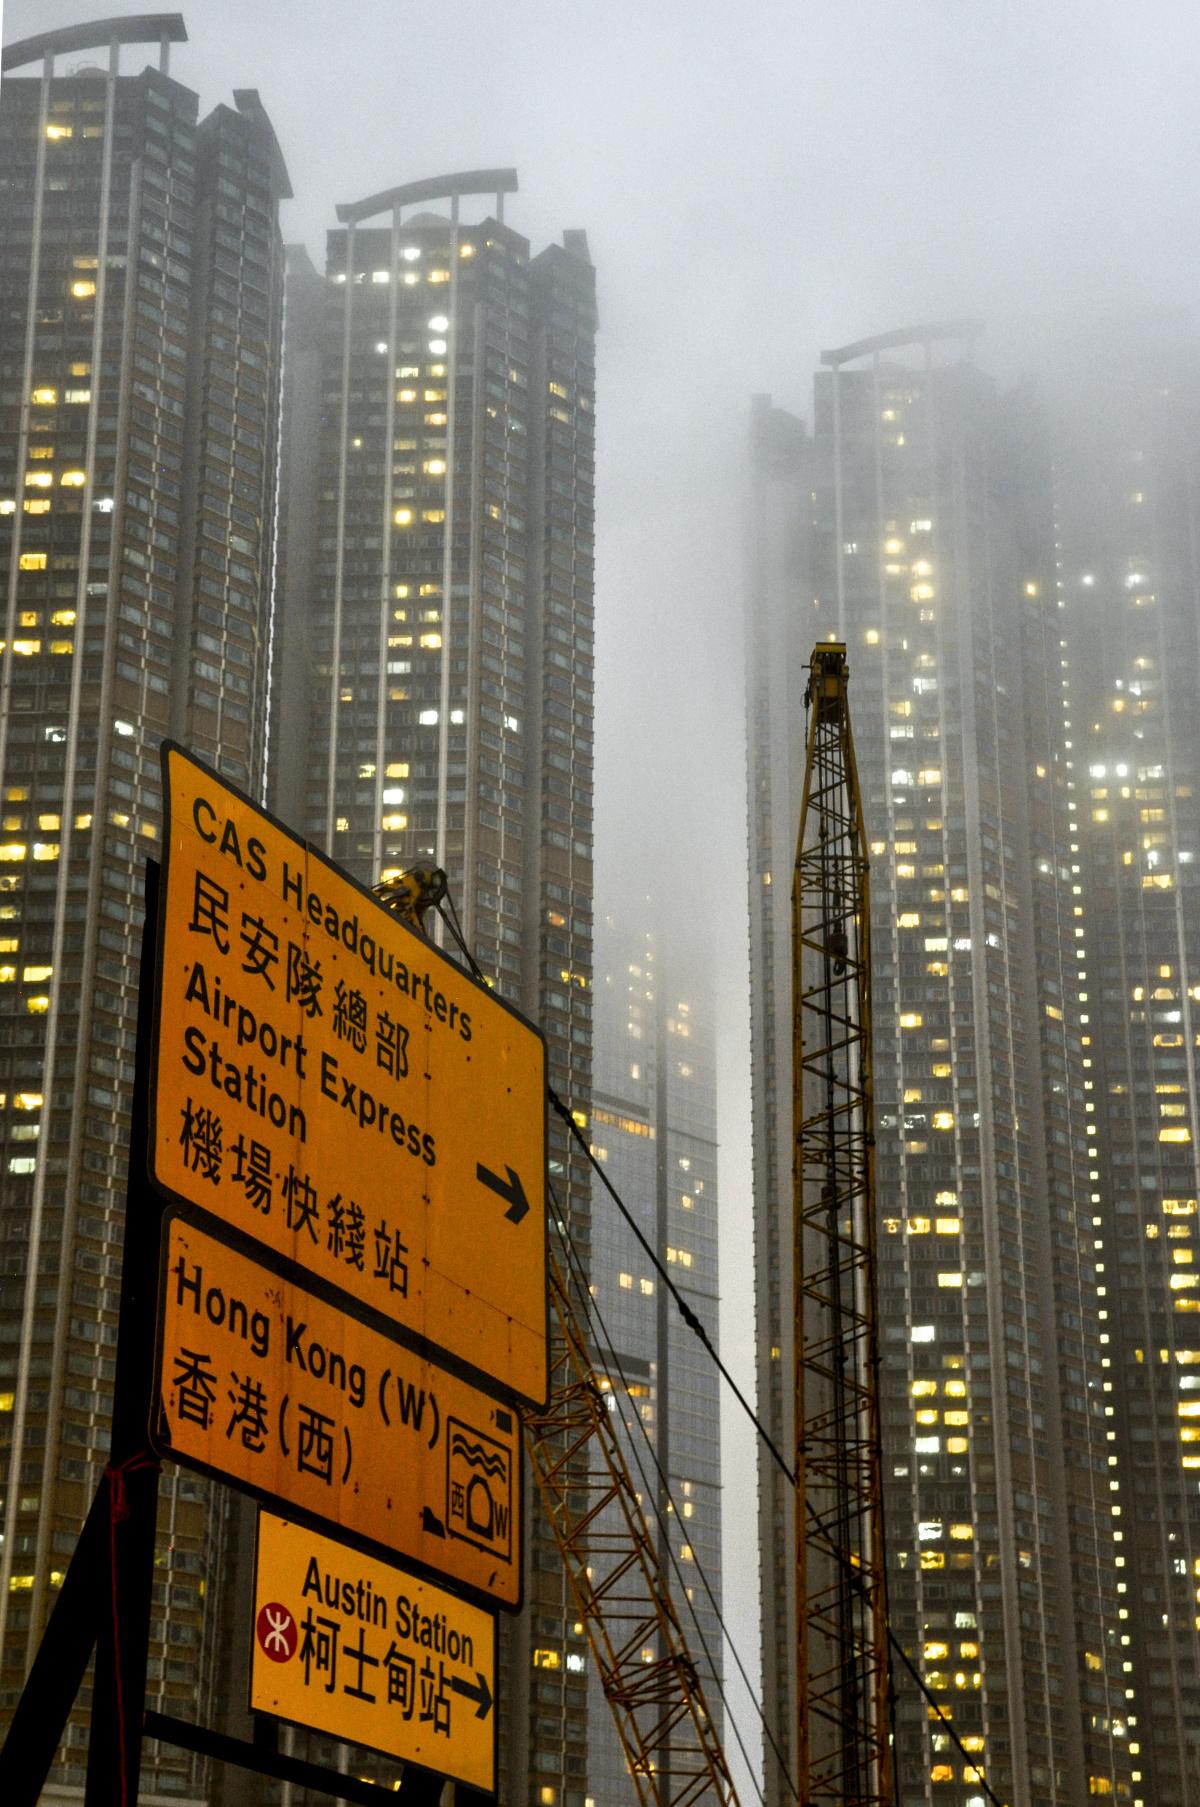 To Austin Station, Hong Kong